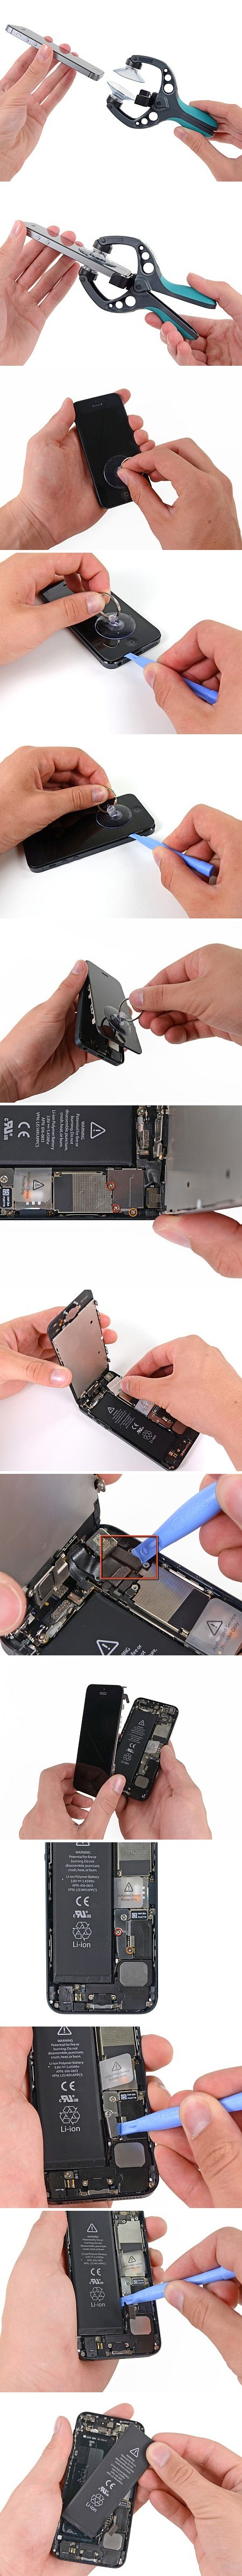 Как заменить на айфоне